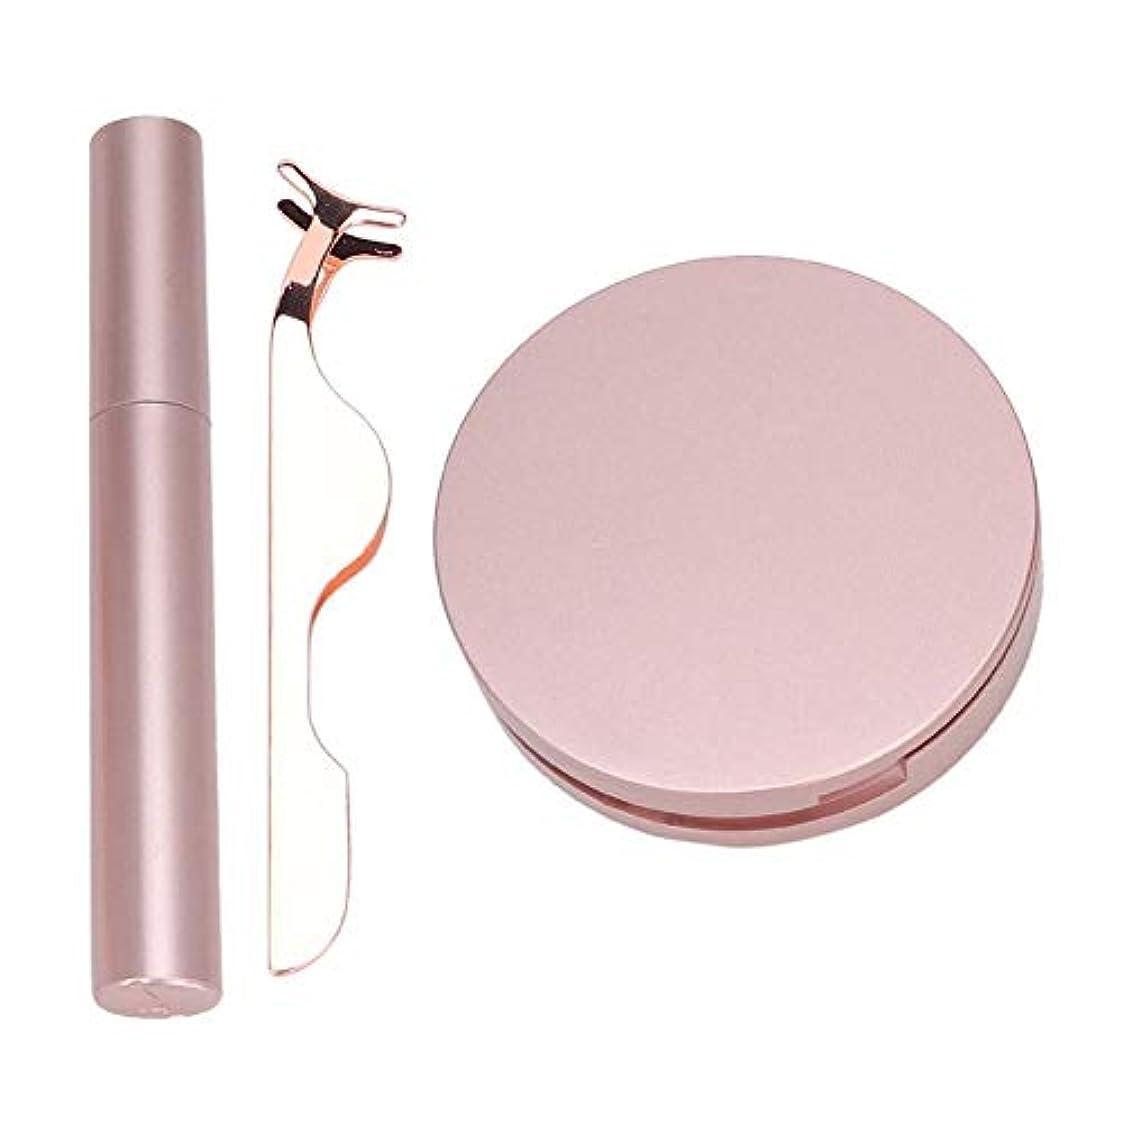 ローマ人告白するカプラー磁気まつげ、磁気アイライナー、まつげピンセット、再利用可能な磁気つけまつげキット、接着剤は不要、まつげエクステンション用の防水フルアイマグネットまつげ(002)